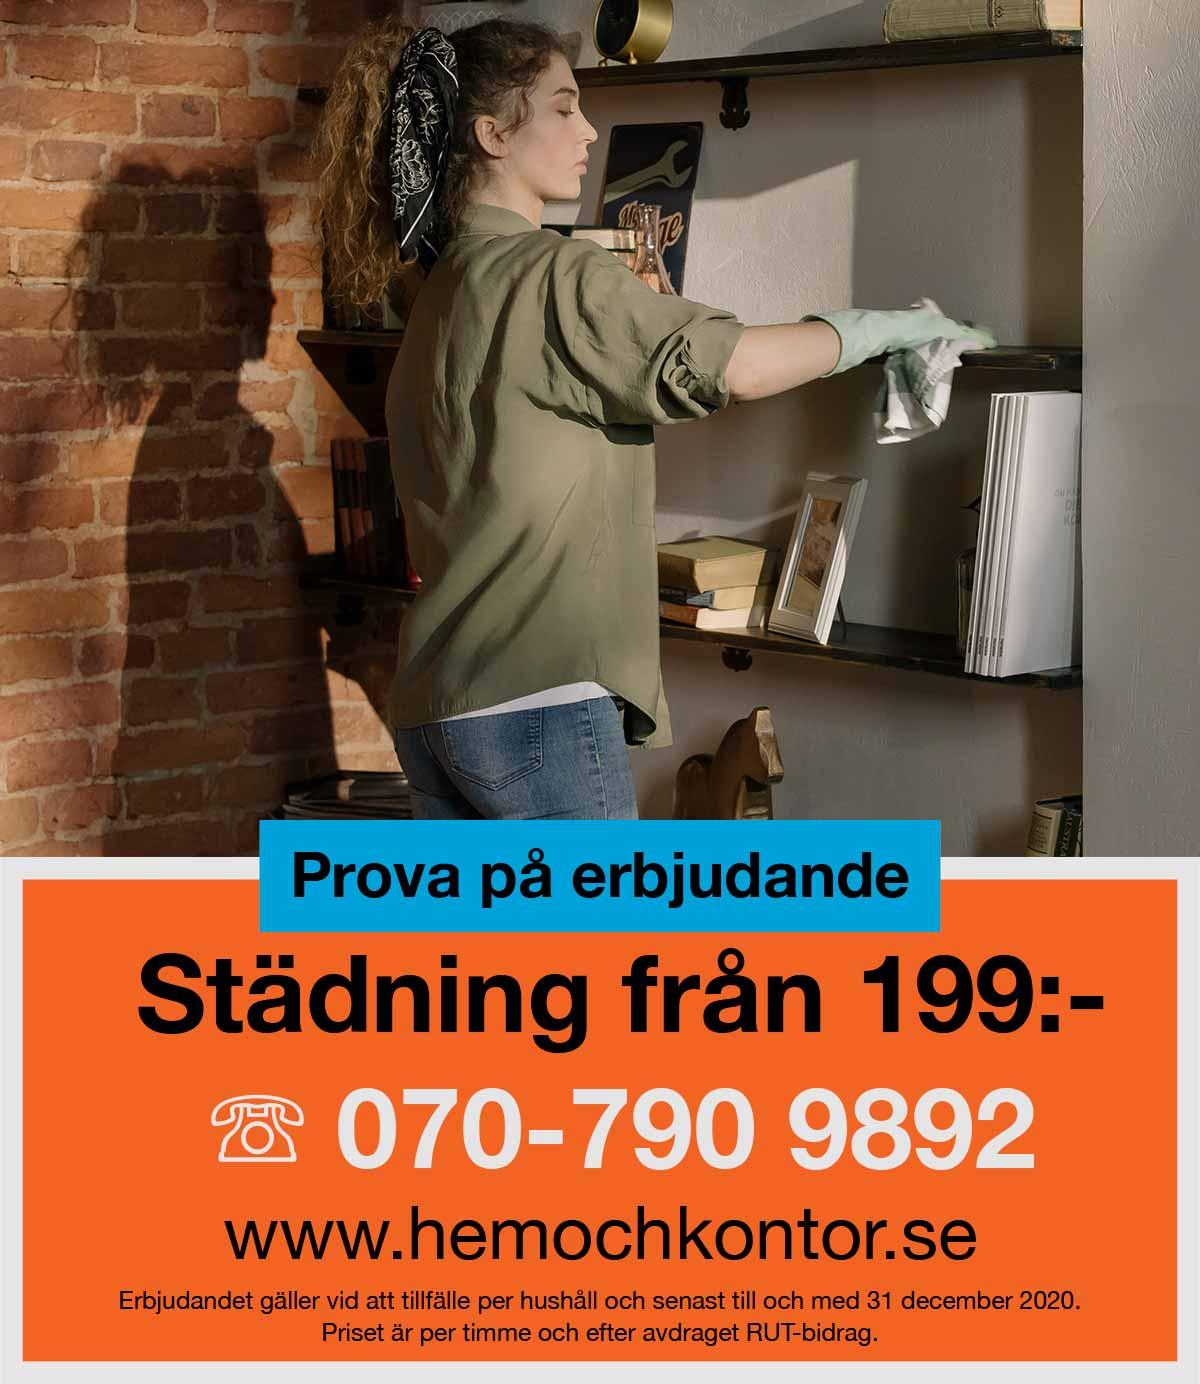 Testa hemstädning. Erbjudande - prova på städning i ditt hem, villa eller lägenhet. Erbjudandet gäller i Växjö.